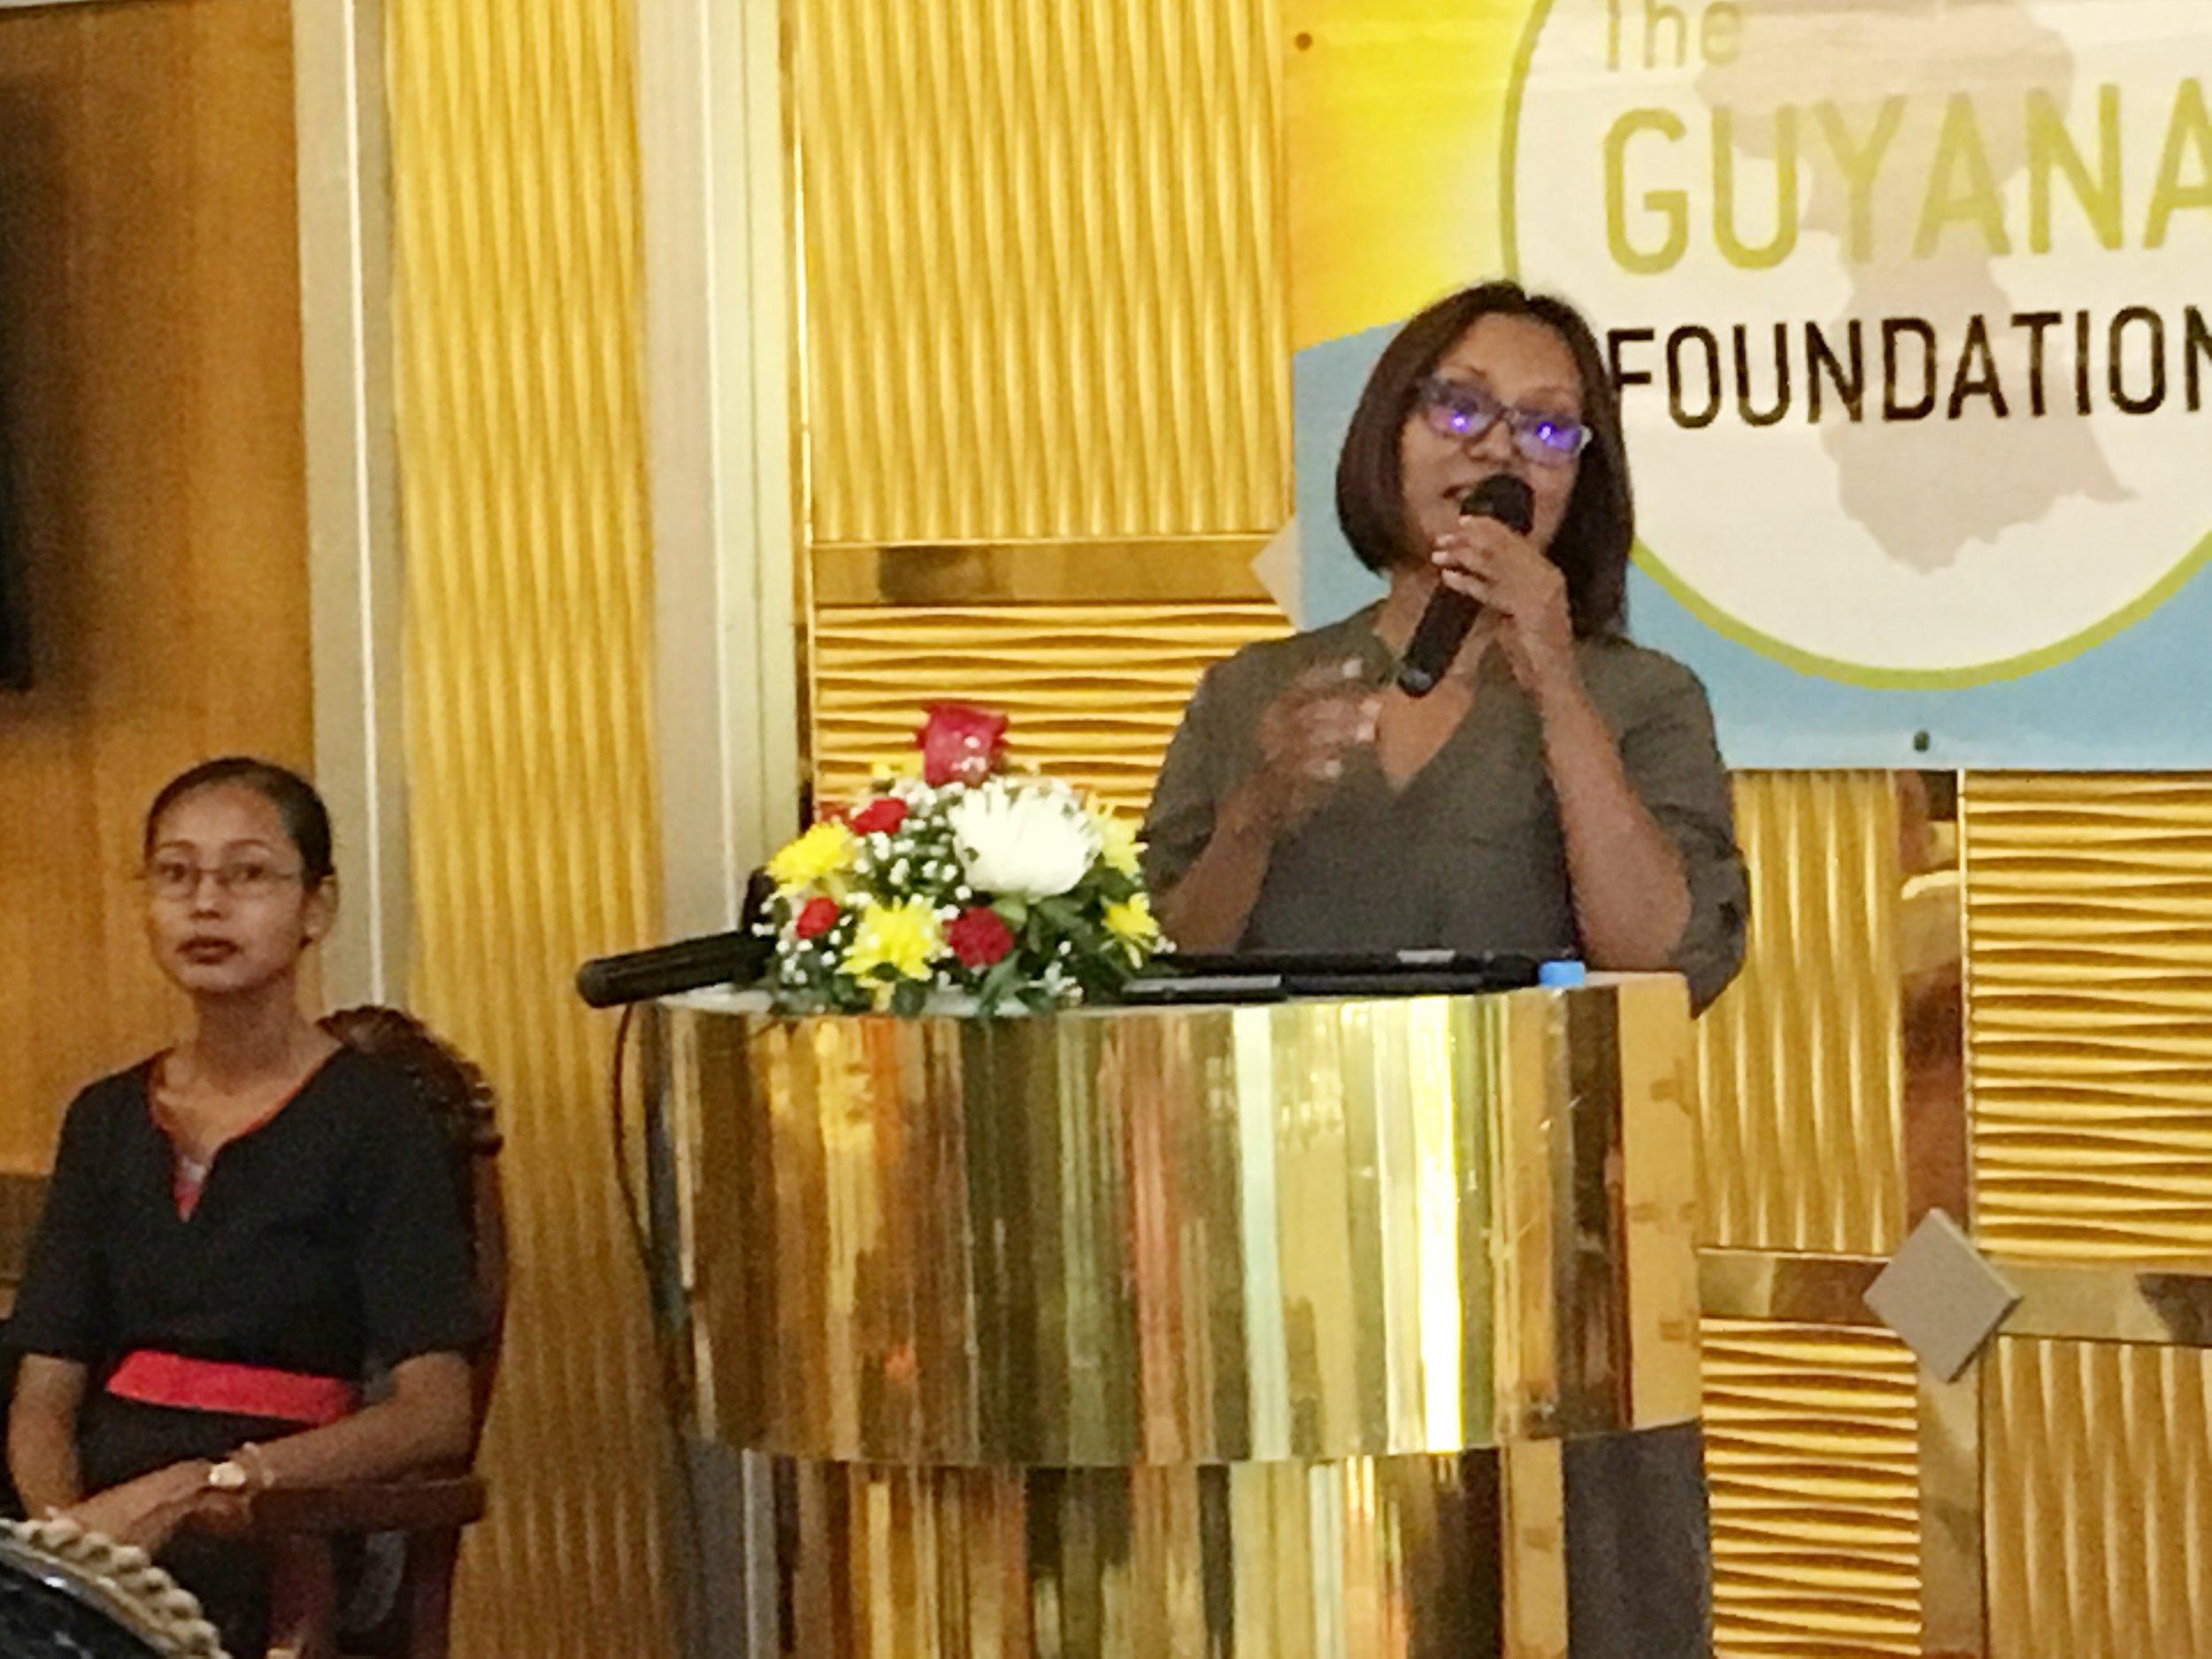 Ms. Jennifer Cipriani, Scotiabank Marketing Manager delivering brief remarks.